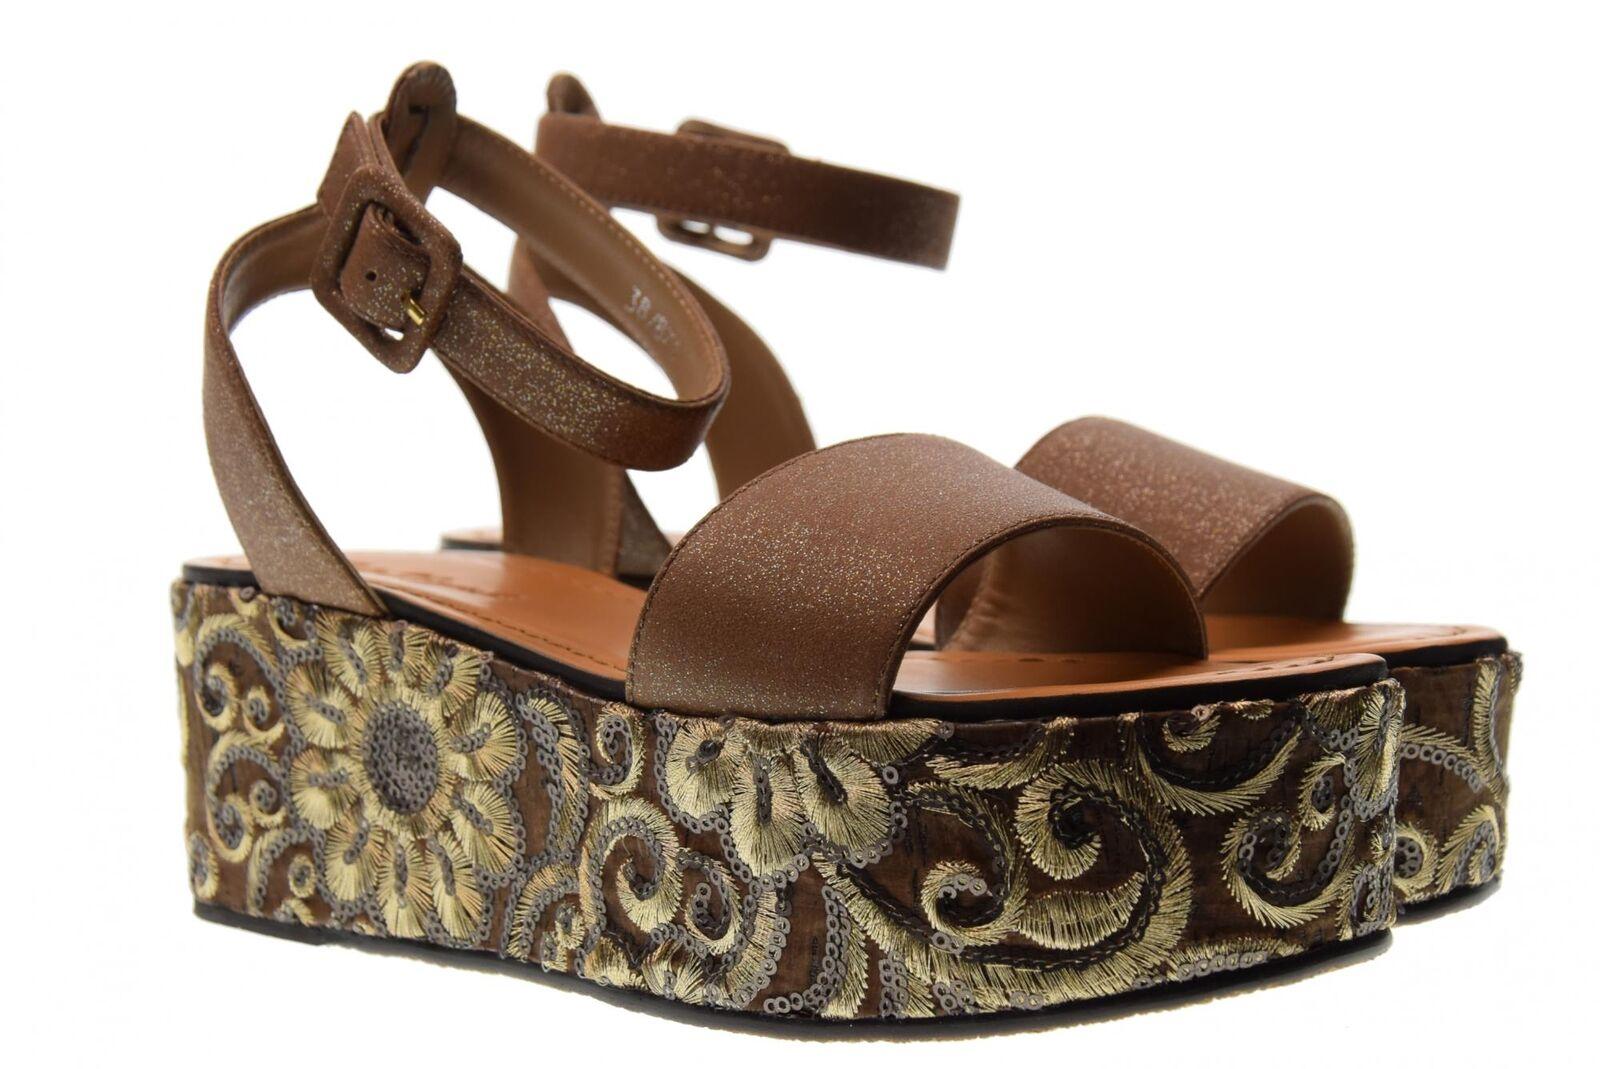 Cris Vergre' P18f chaussures femme sandales H0802X marron